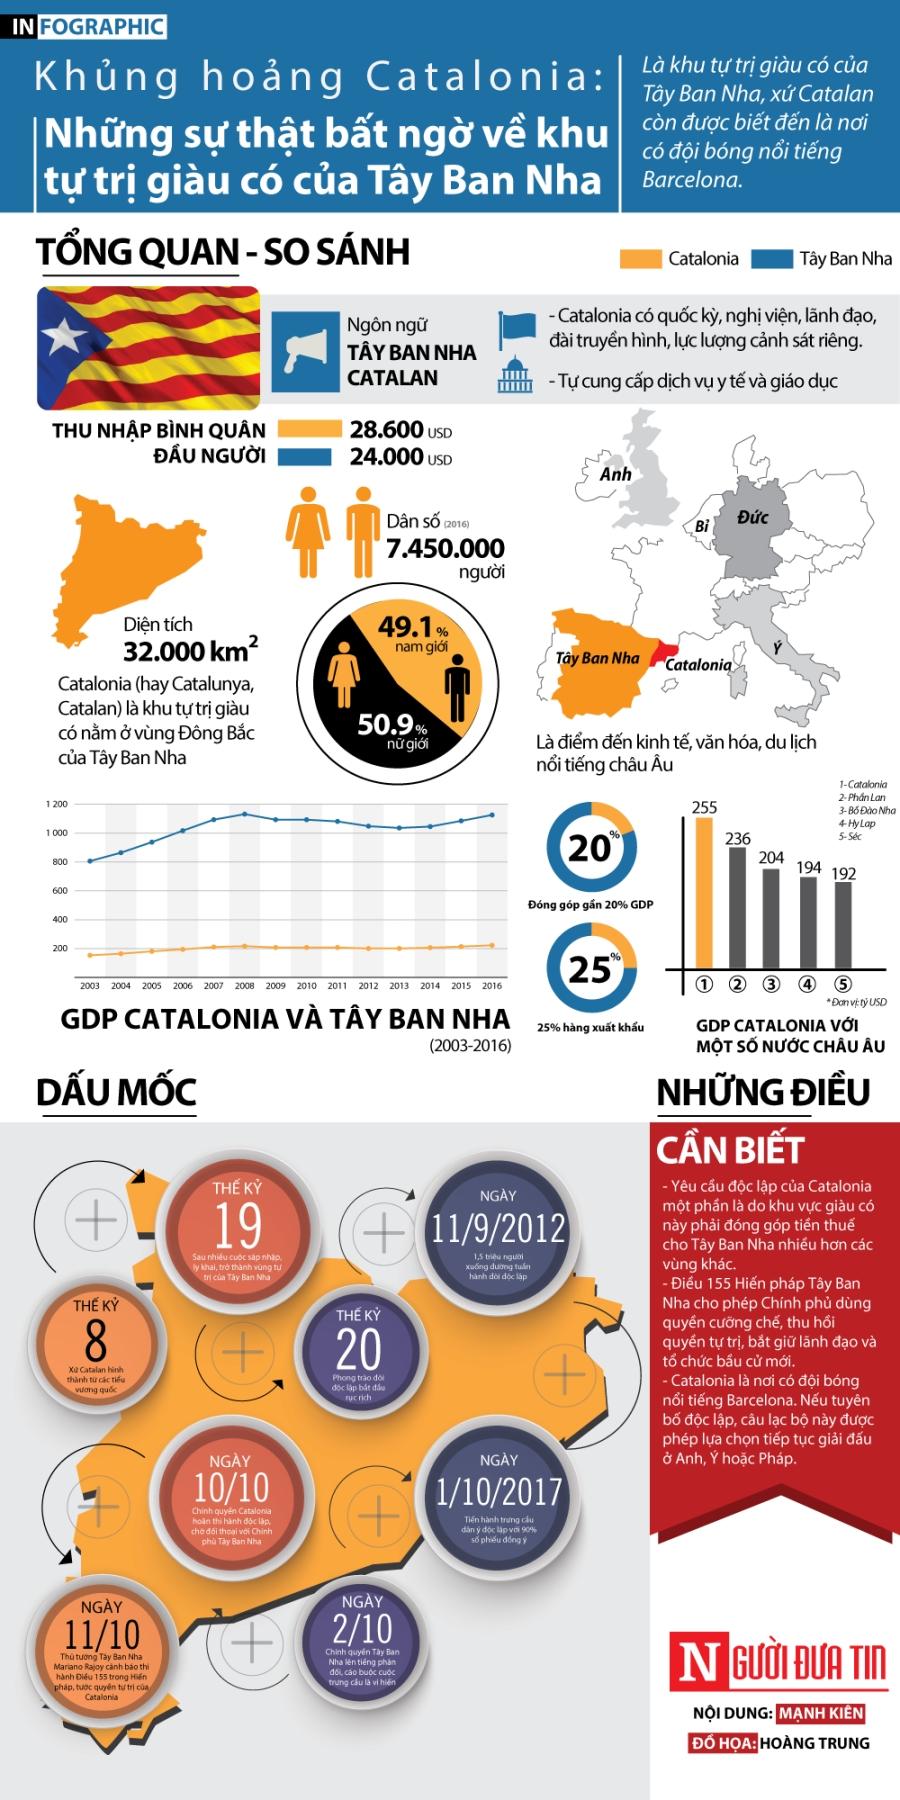 Tiêu điểm - Infographic: Những sự thật bất ngờ về khu tự trị Catalonia